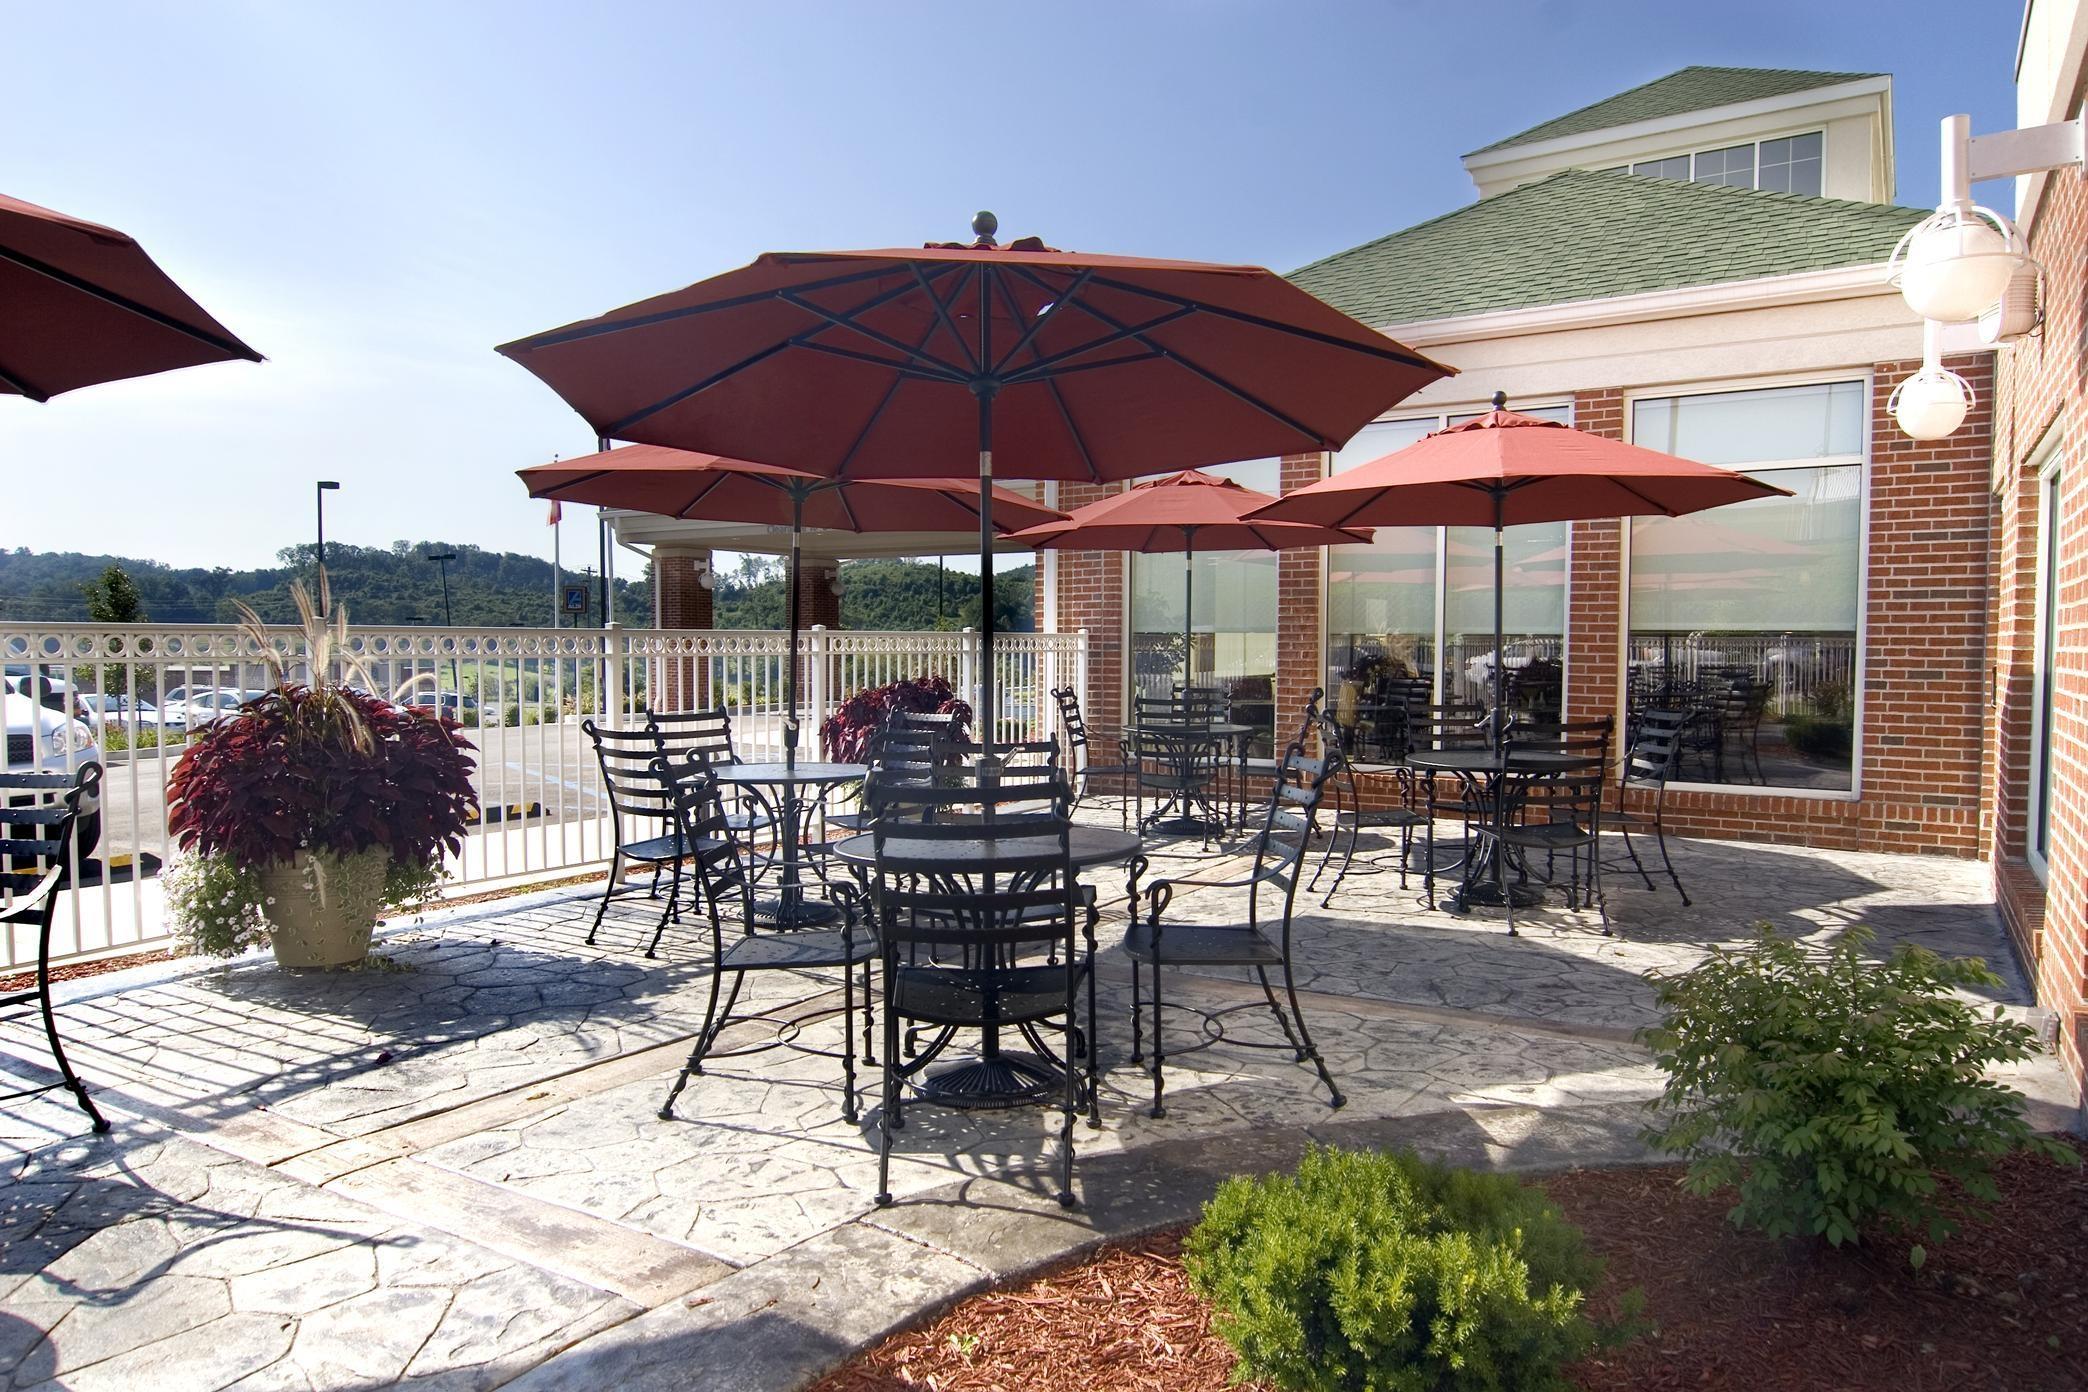 Hilton Garden Inn Clarksburg image 6